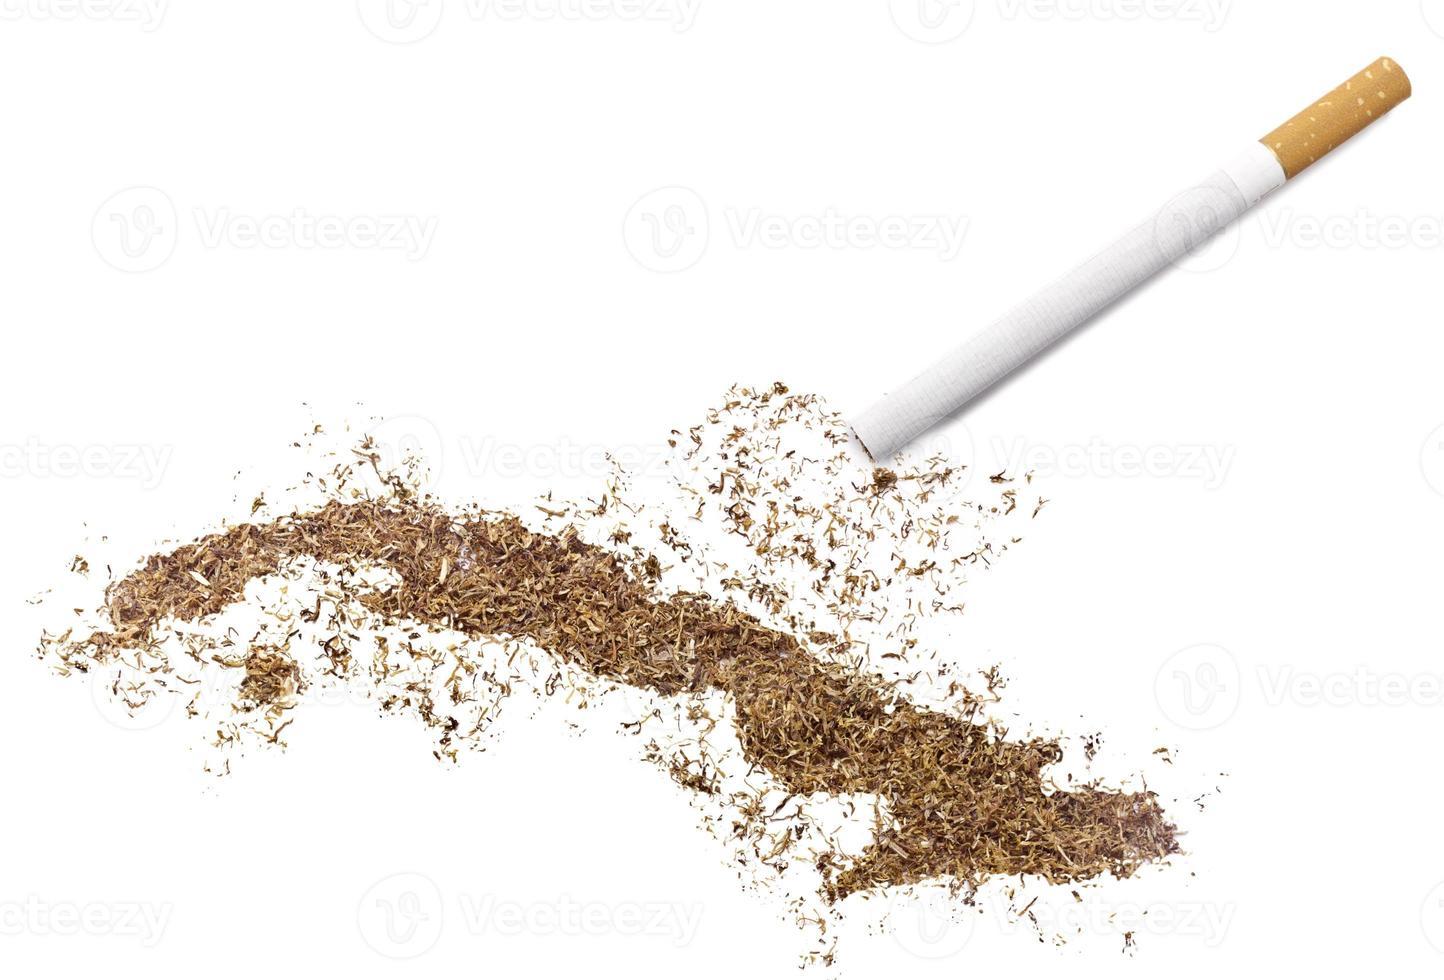 Zigarette und Tabak in Form von Kuba (Serie) foto